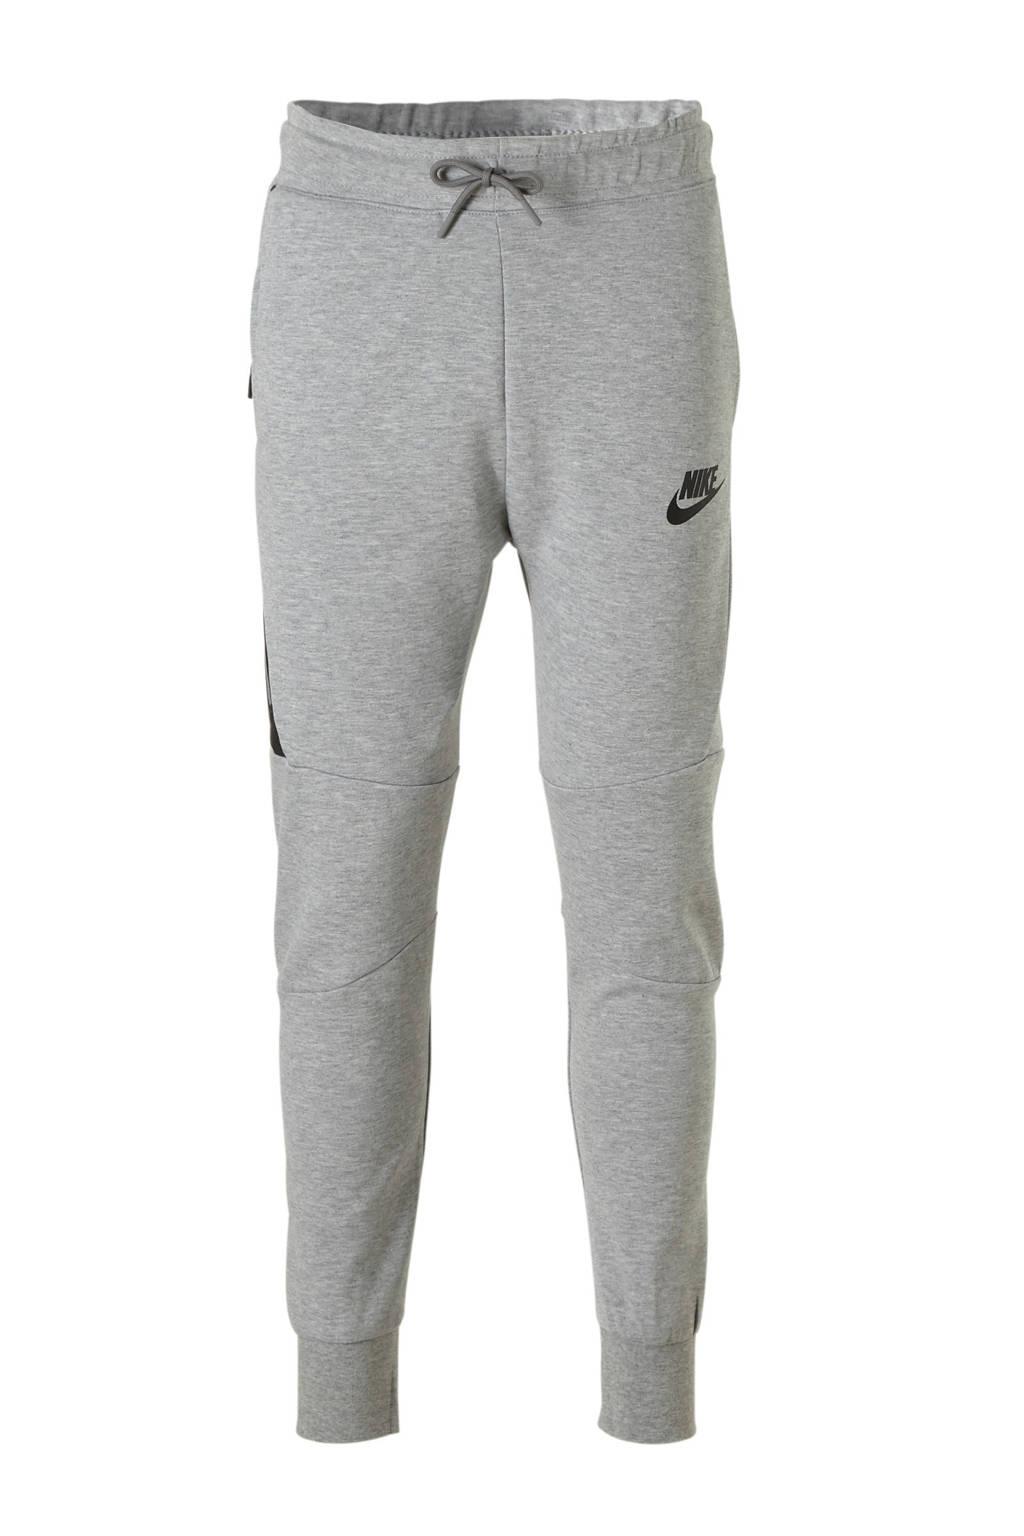 6986697020c Nike Tech Fleece joggingbroek, Grijs/zwart